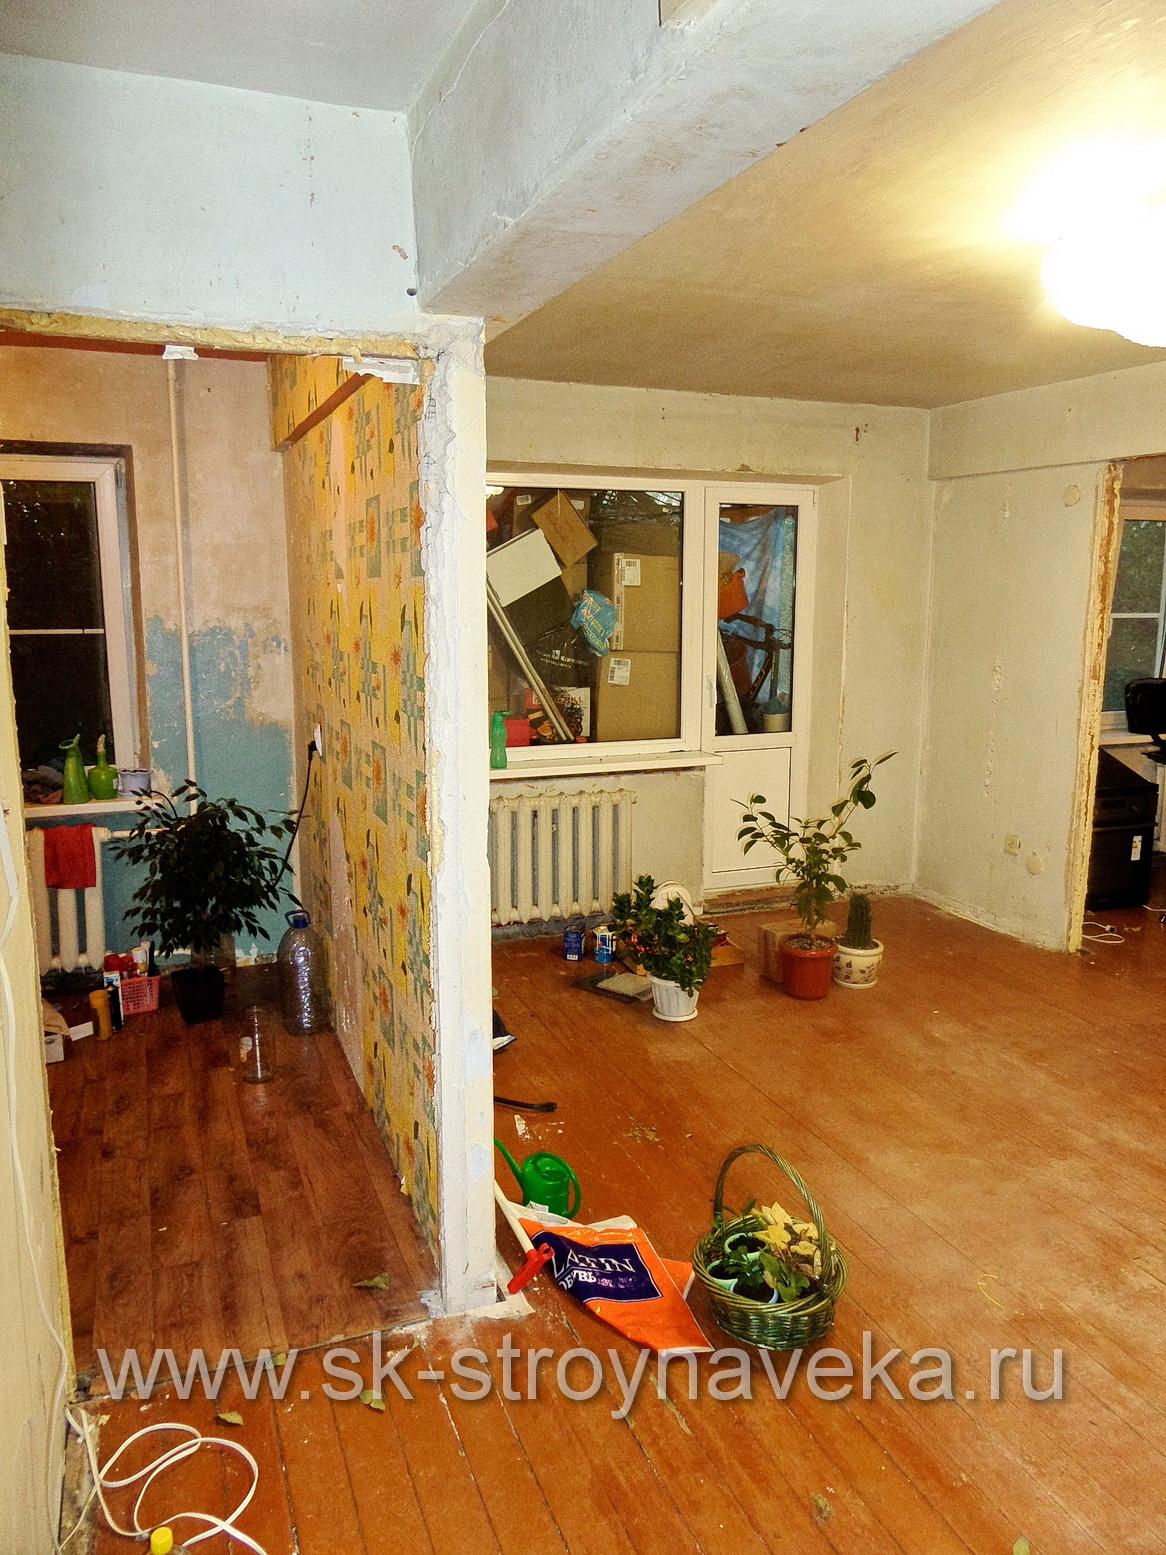 Ремонт квартир эконом класса в Москве под ключ - цены